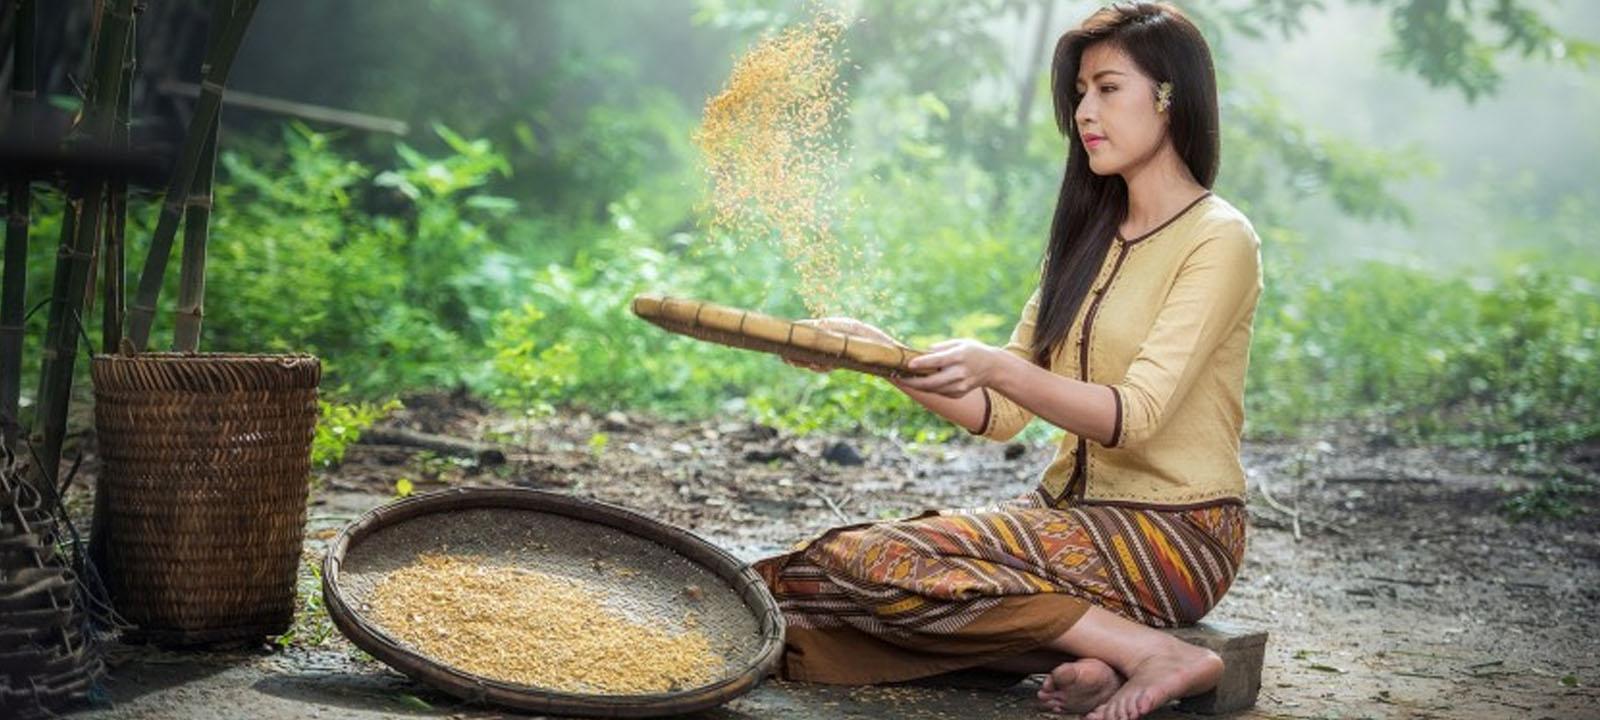 10 plats qui prouvent la cuisine du Laos pourrait être l'engouement alimentaire